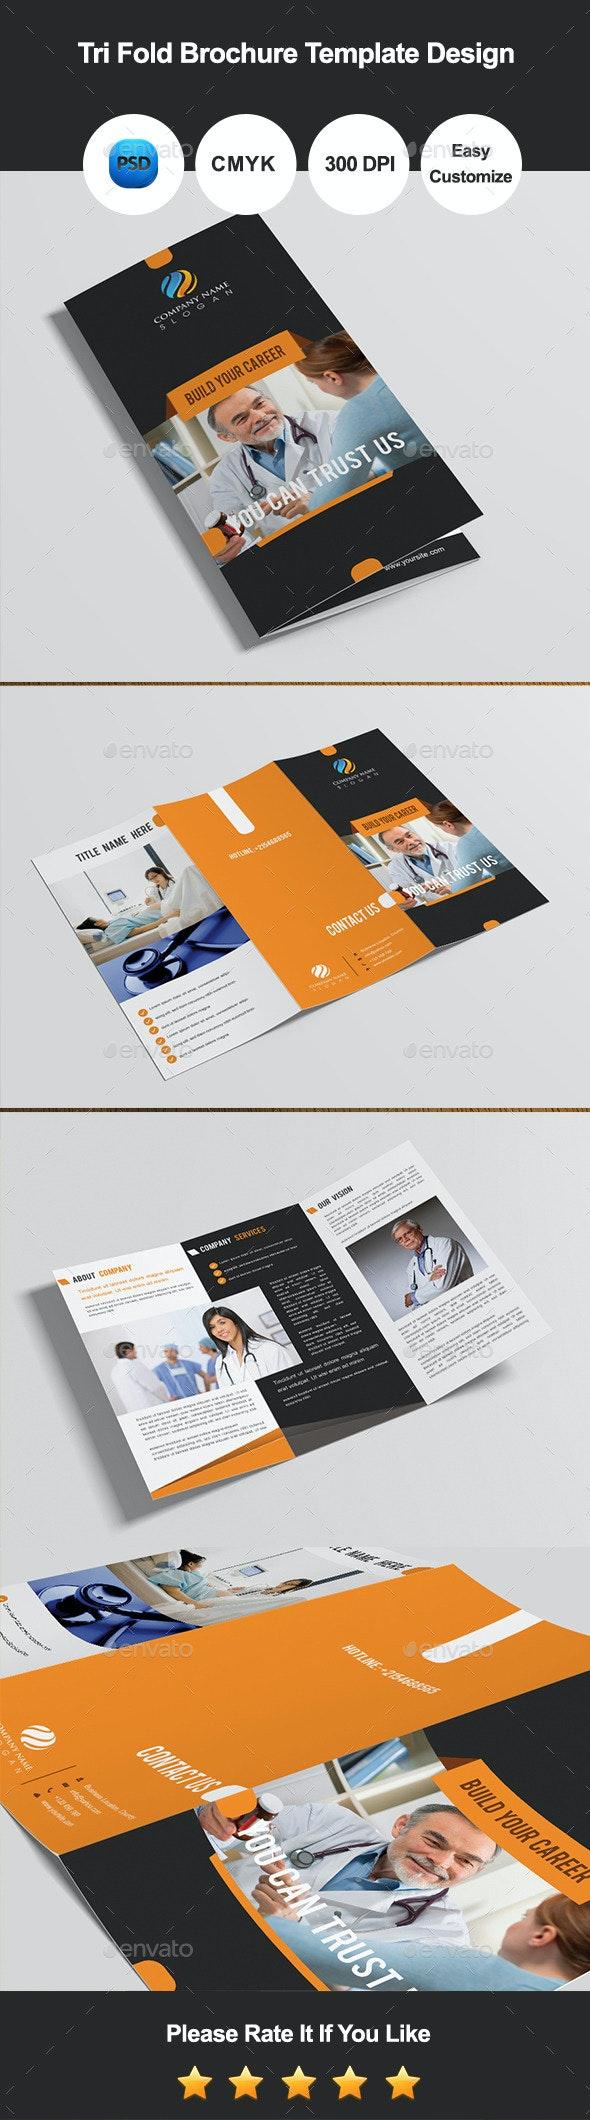 Tri Fold Brochure Template Design - Corporate Brochures